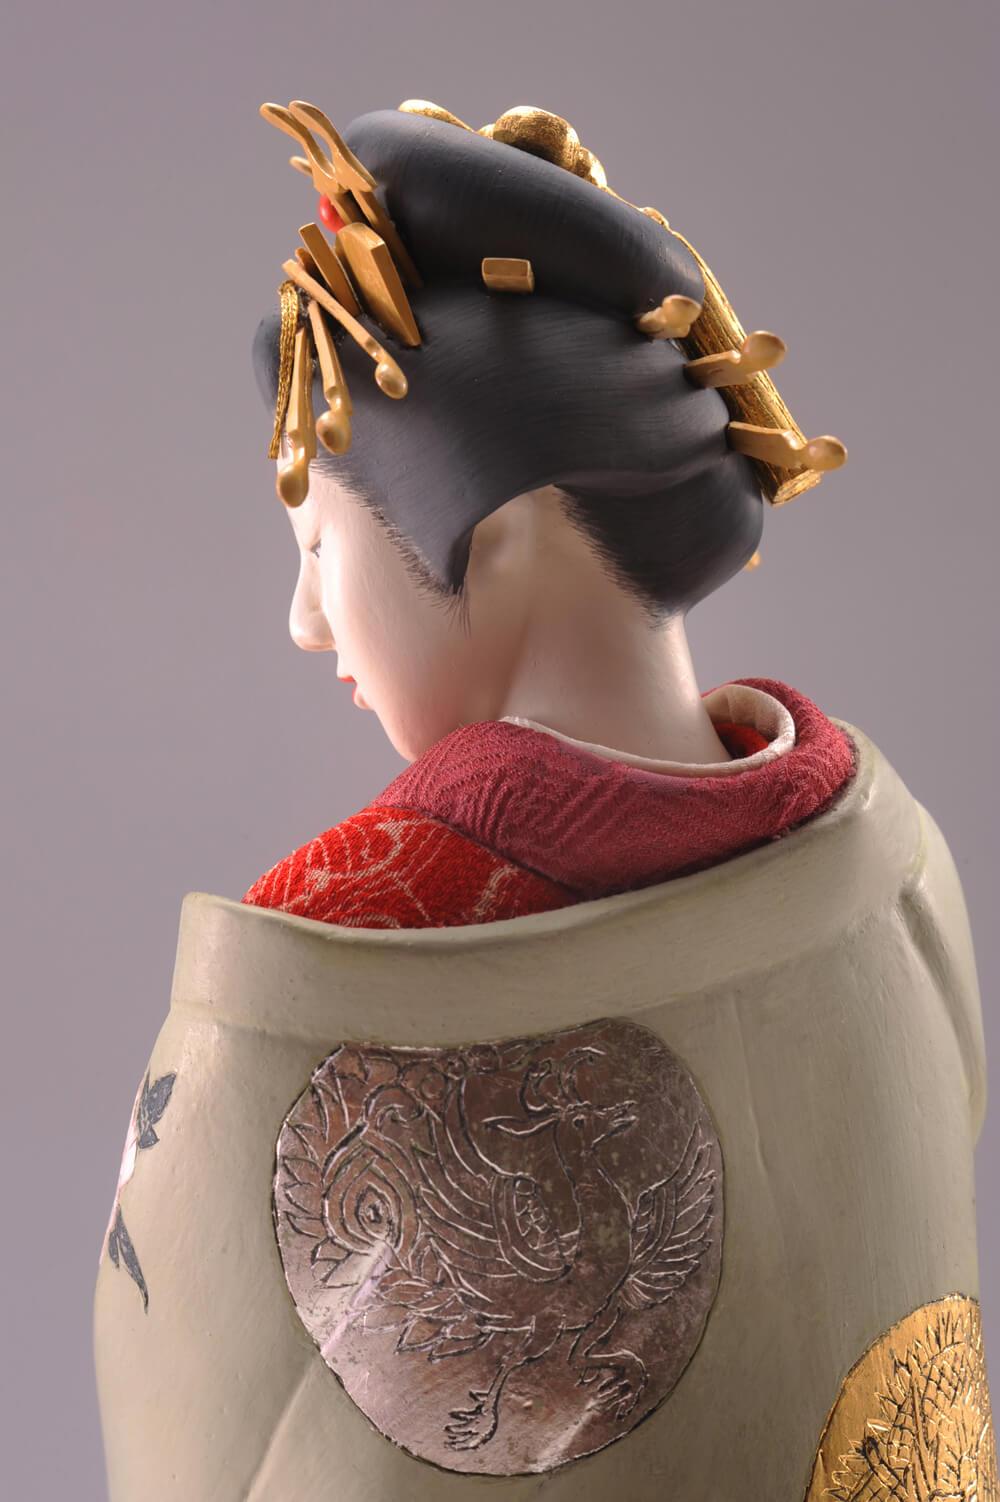 2012年11月9日から開催の「日本工芸の華 双璧 鈴木 藏・芹川 英子 展」の芹川作品3